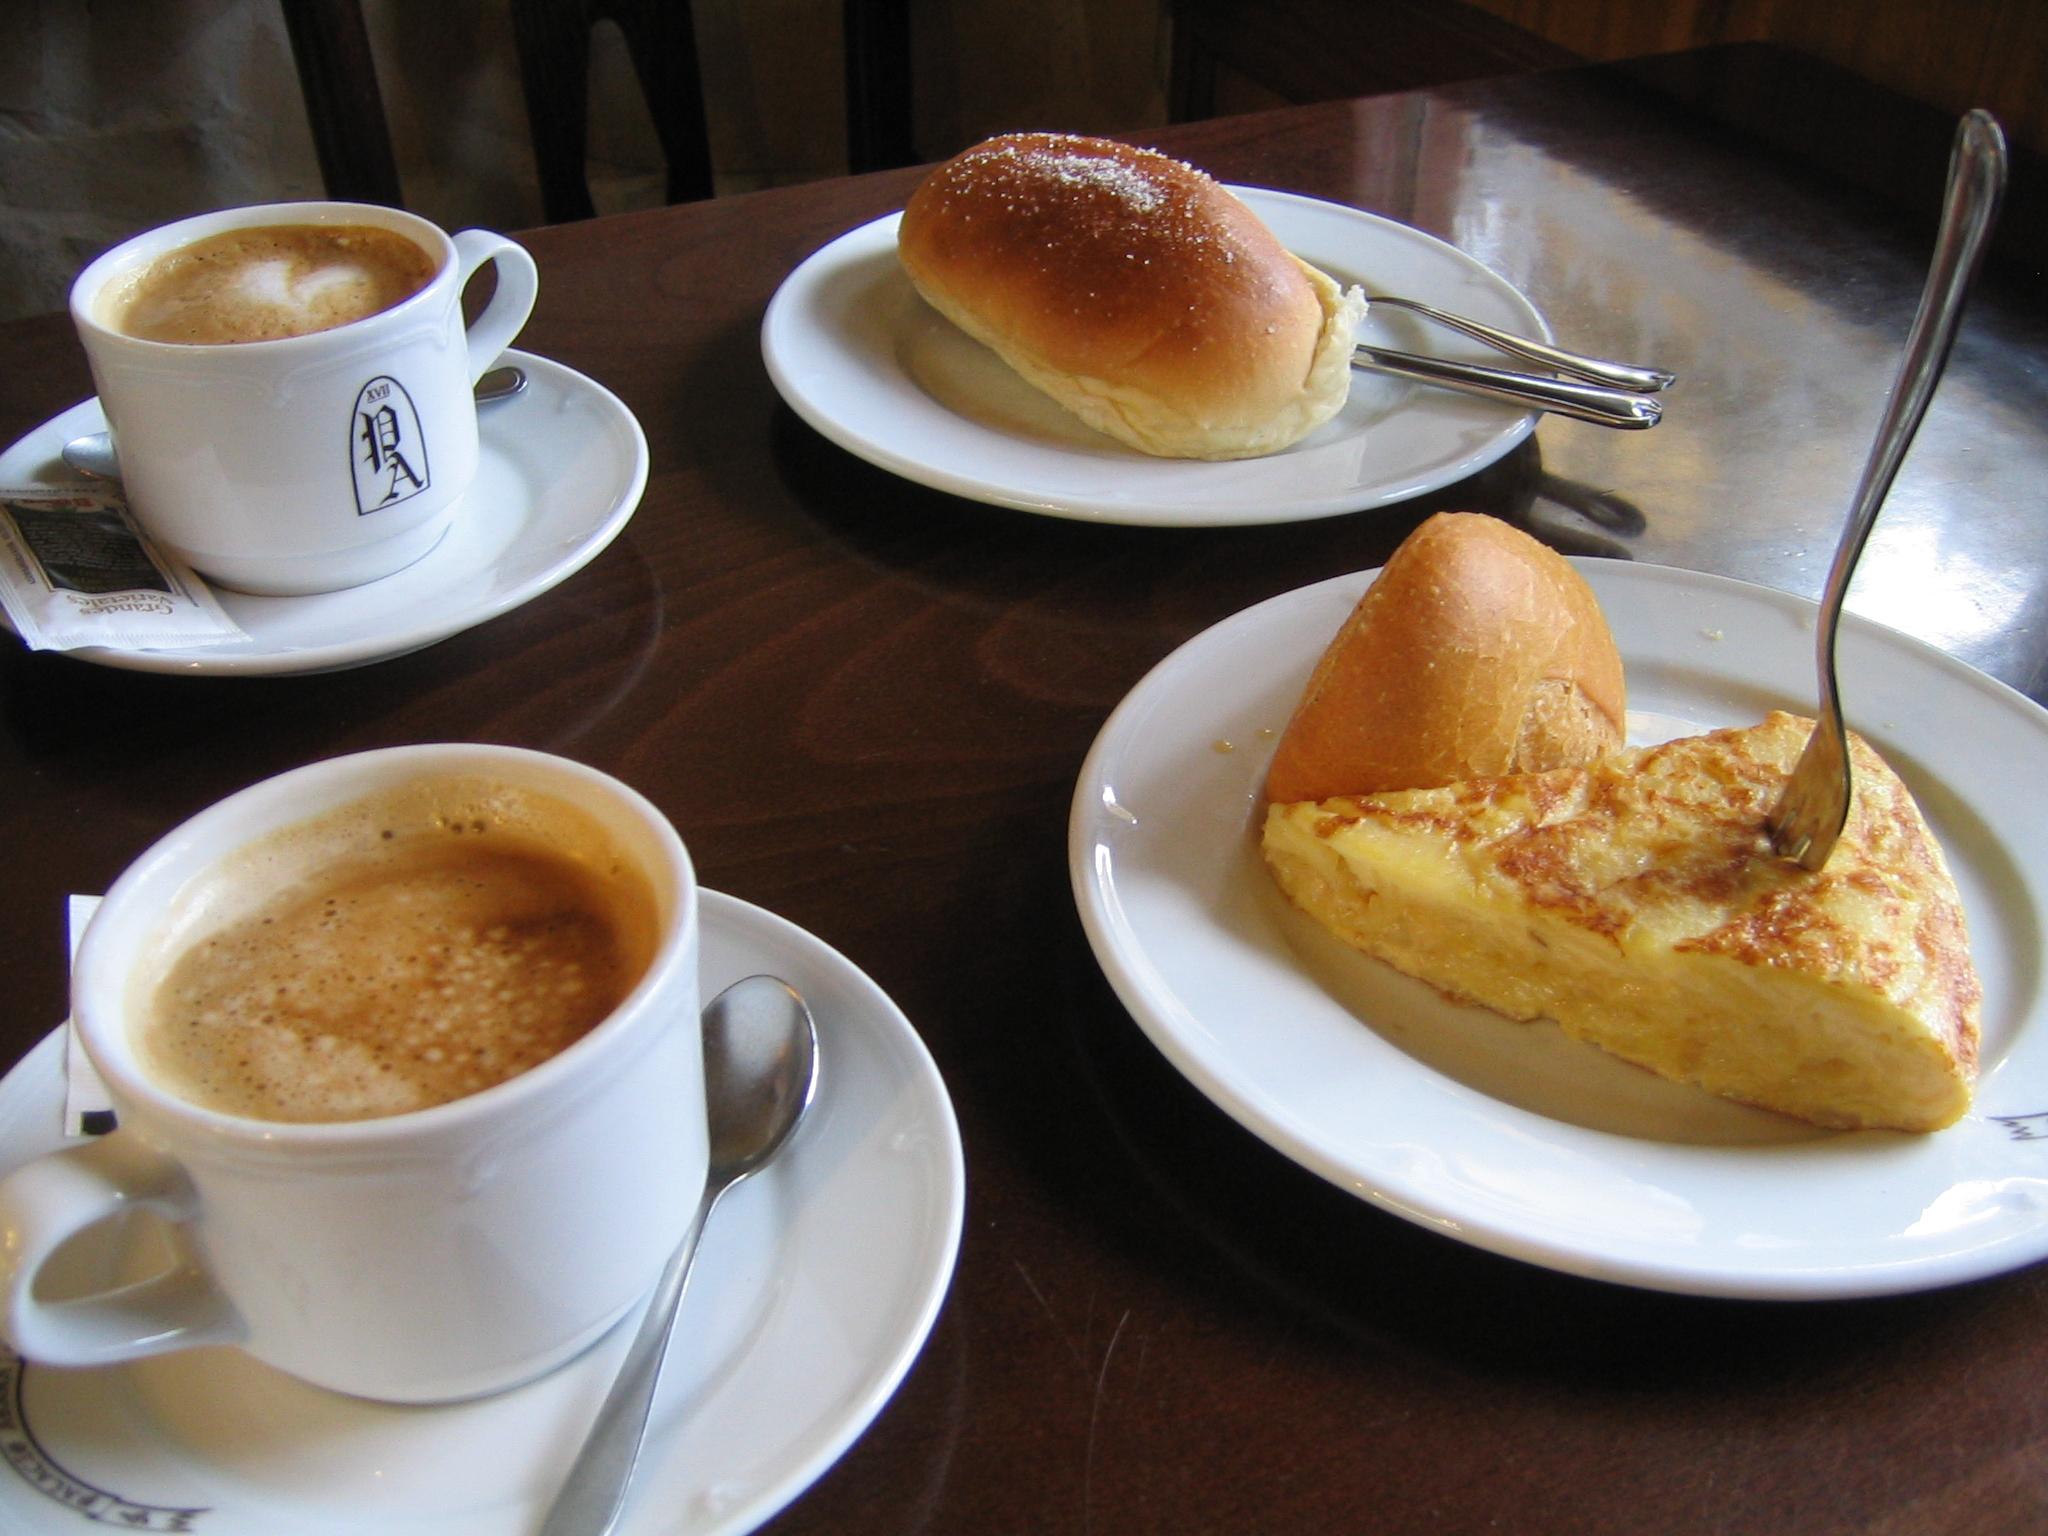 Desayuno_con_dos_cafés,_bollo_y_tortilla